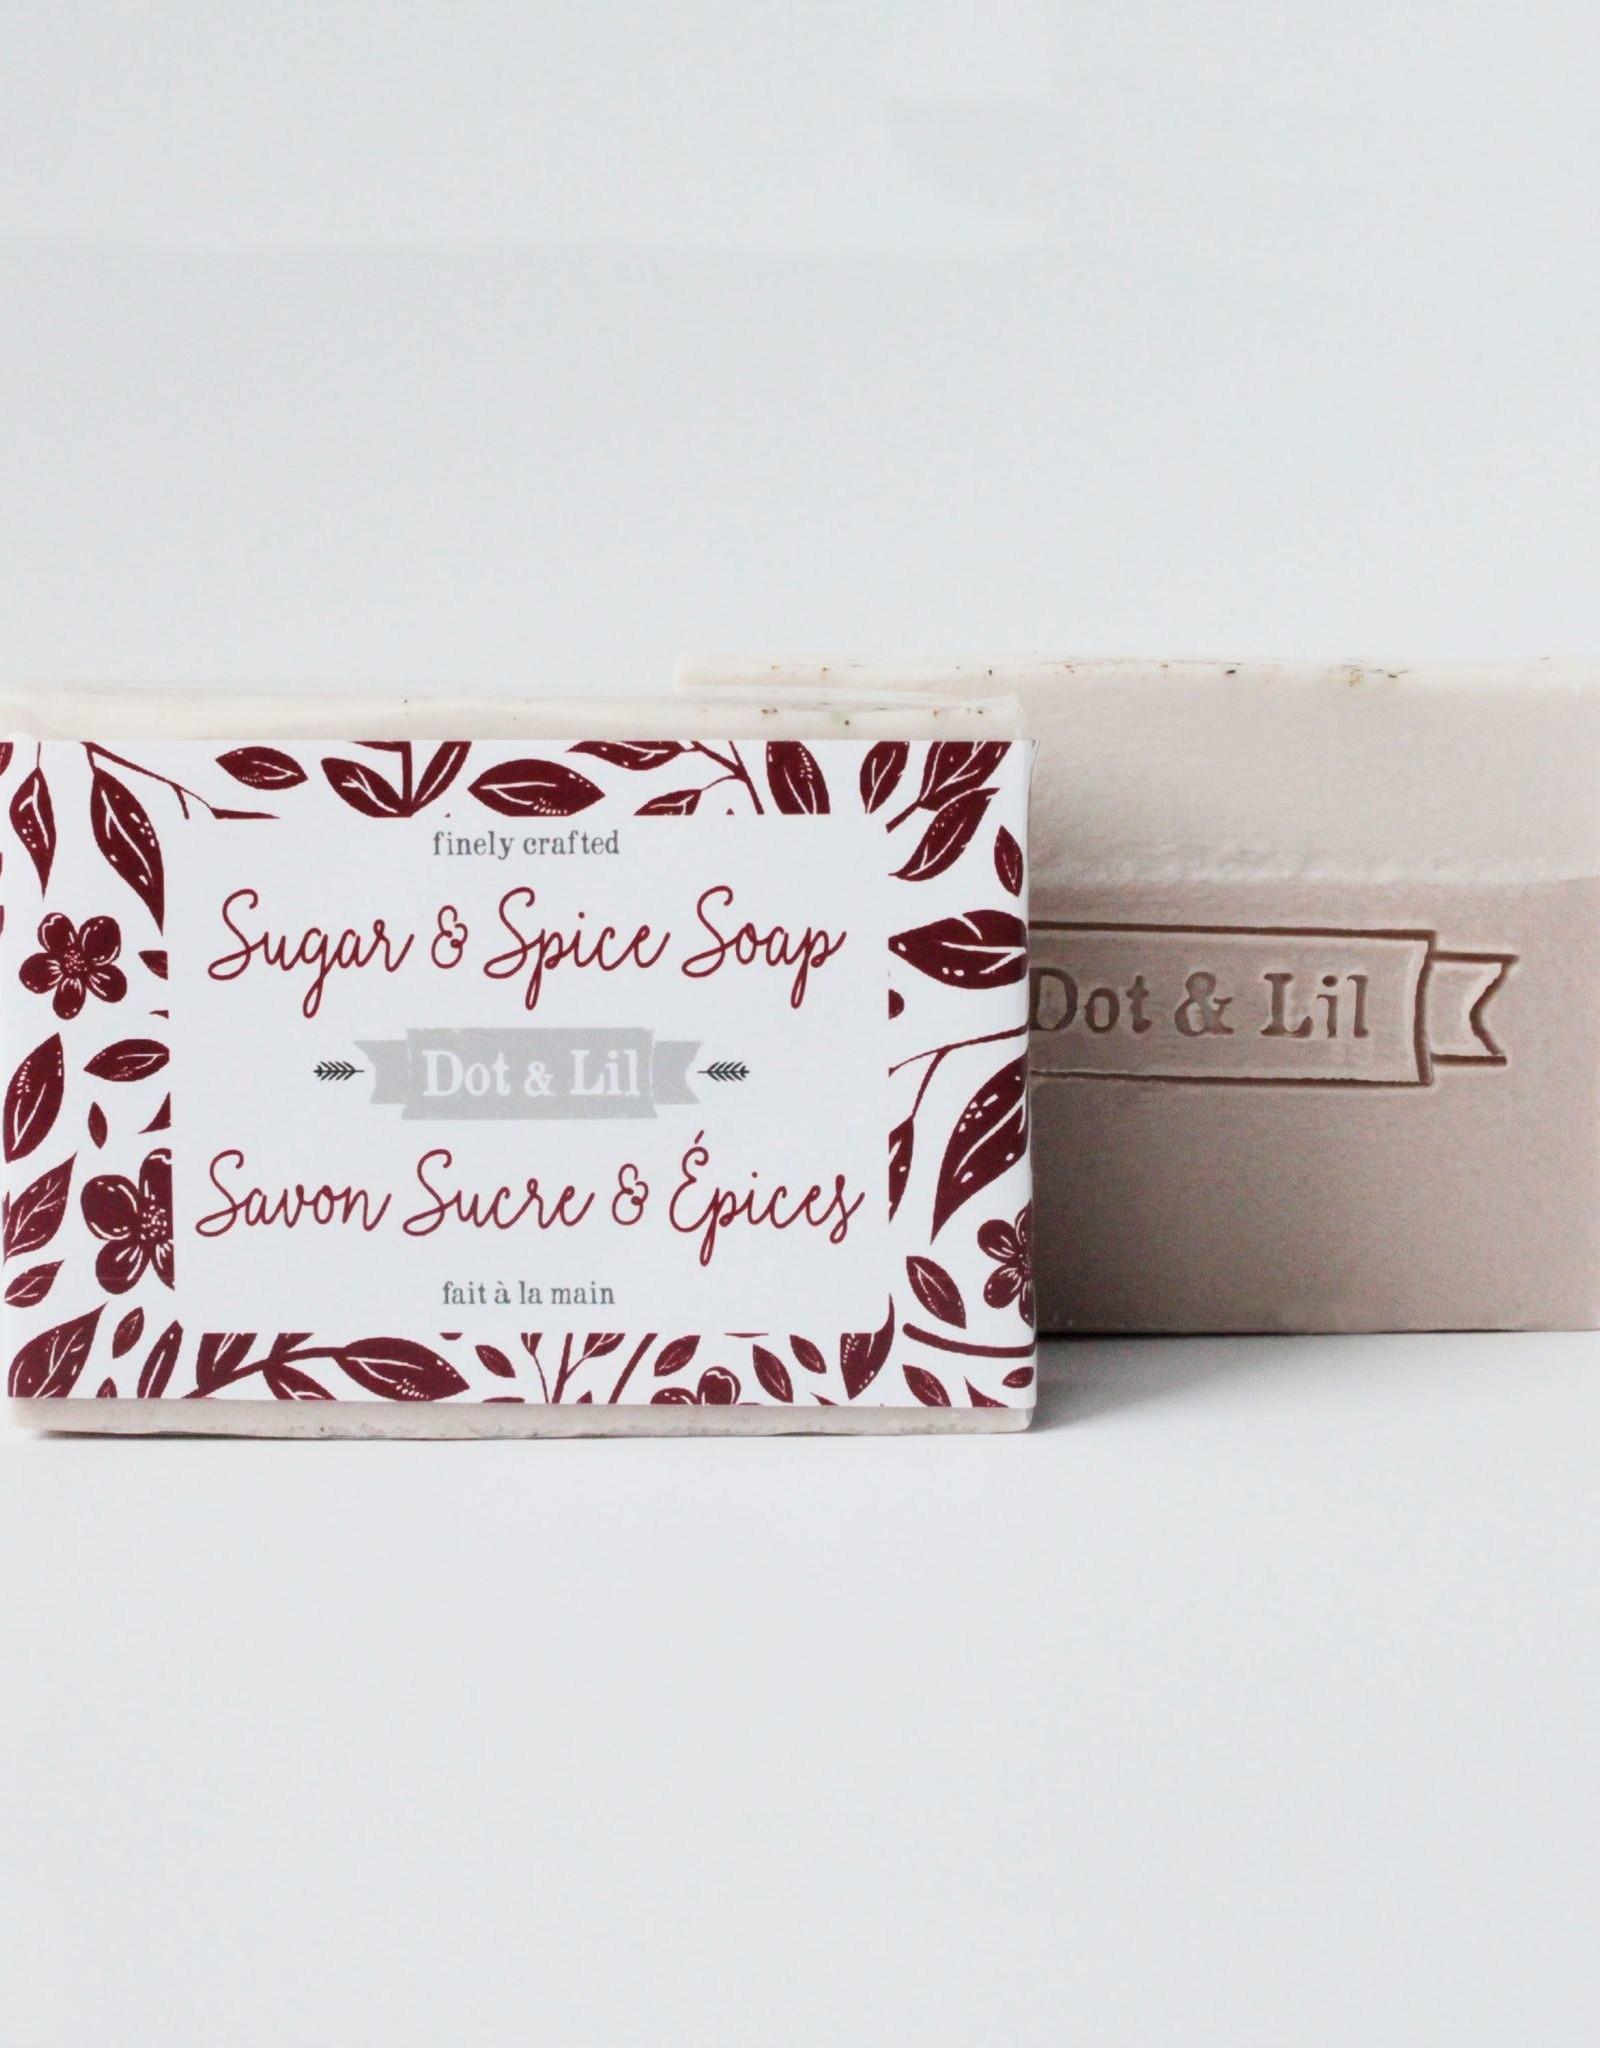 Dot & lil Pain de savon - Sucre & Épices